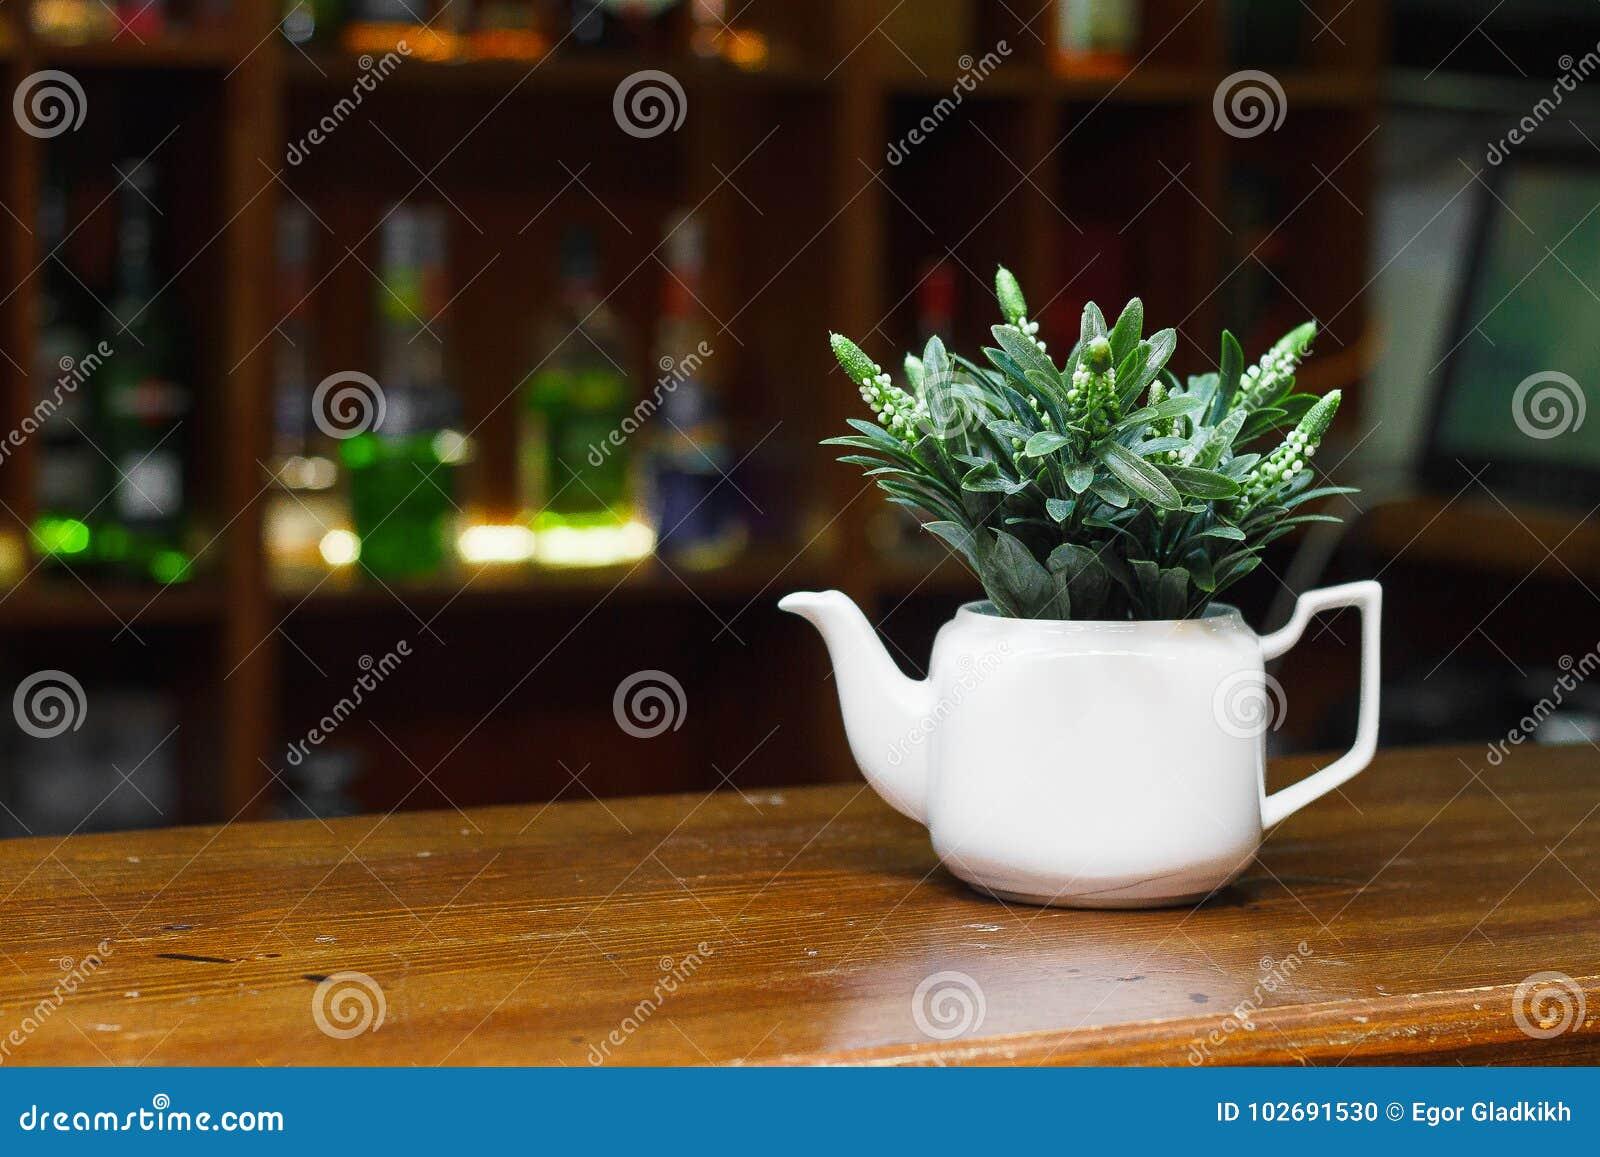 Una caldera blanca fina para la decoración de la tabla